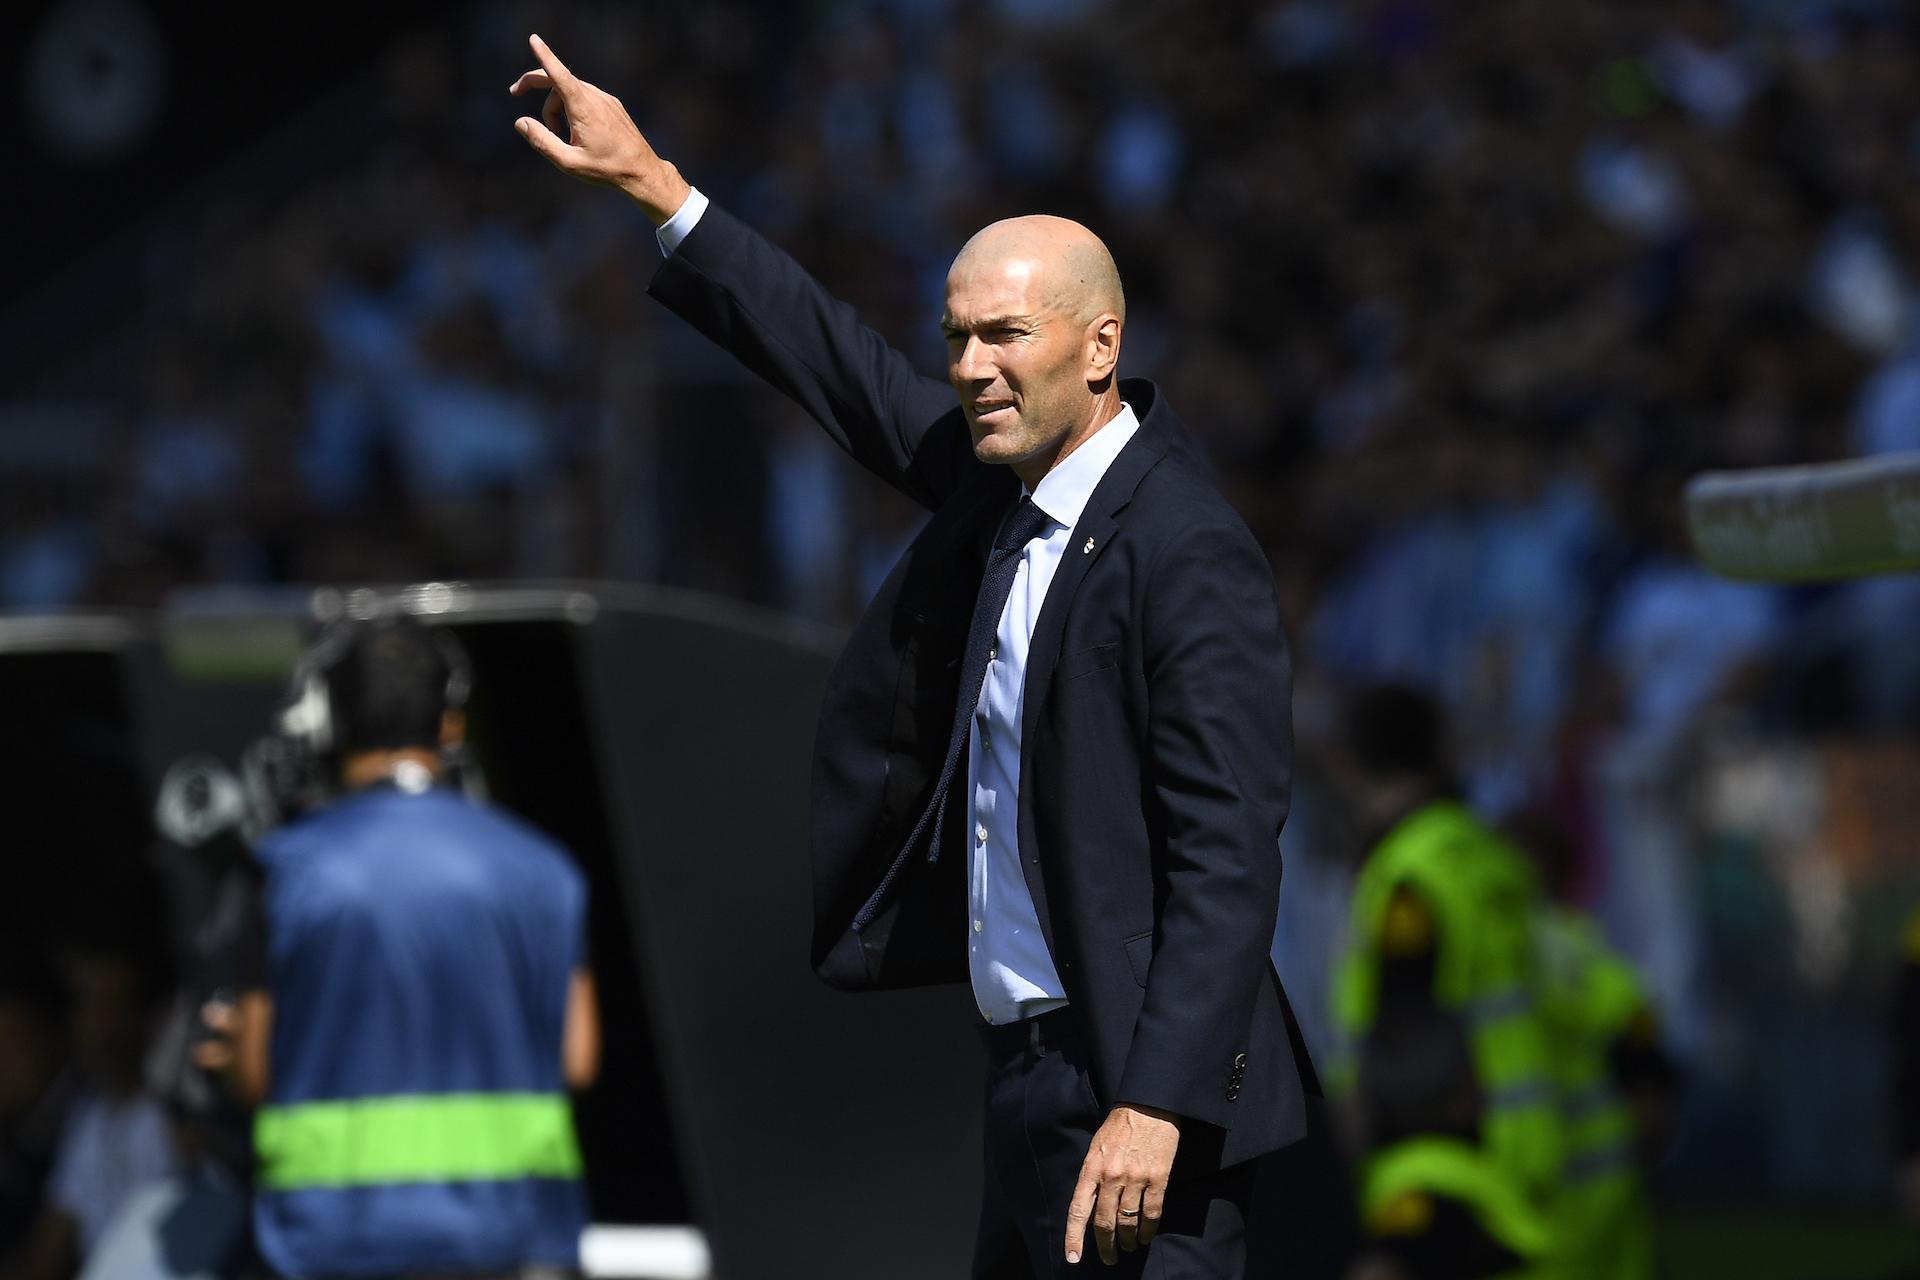 """Real Madrid, Zidane : """"Keylor Navas ne m'a pas demandé à partir"""""""